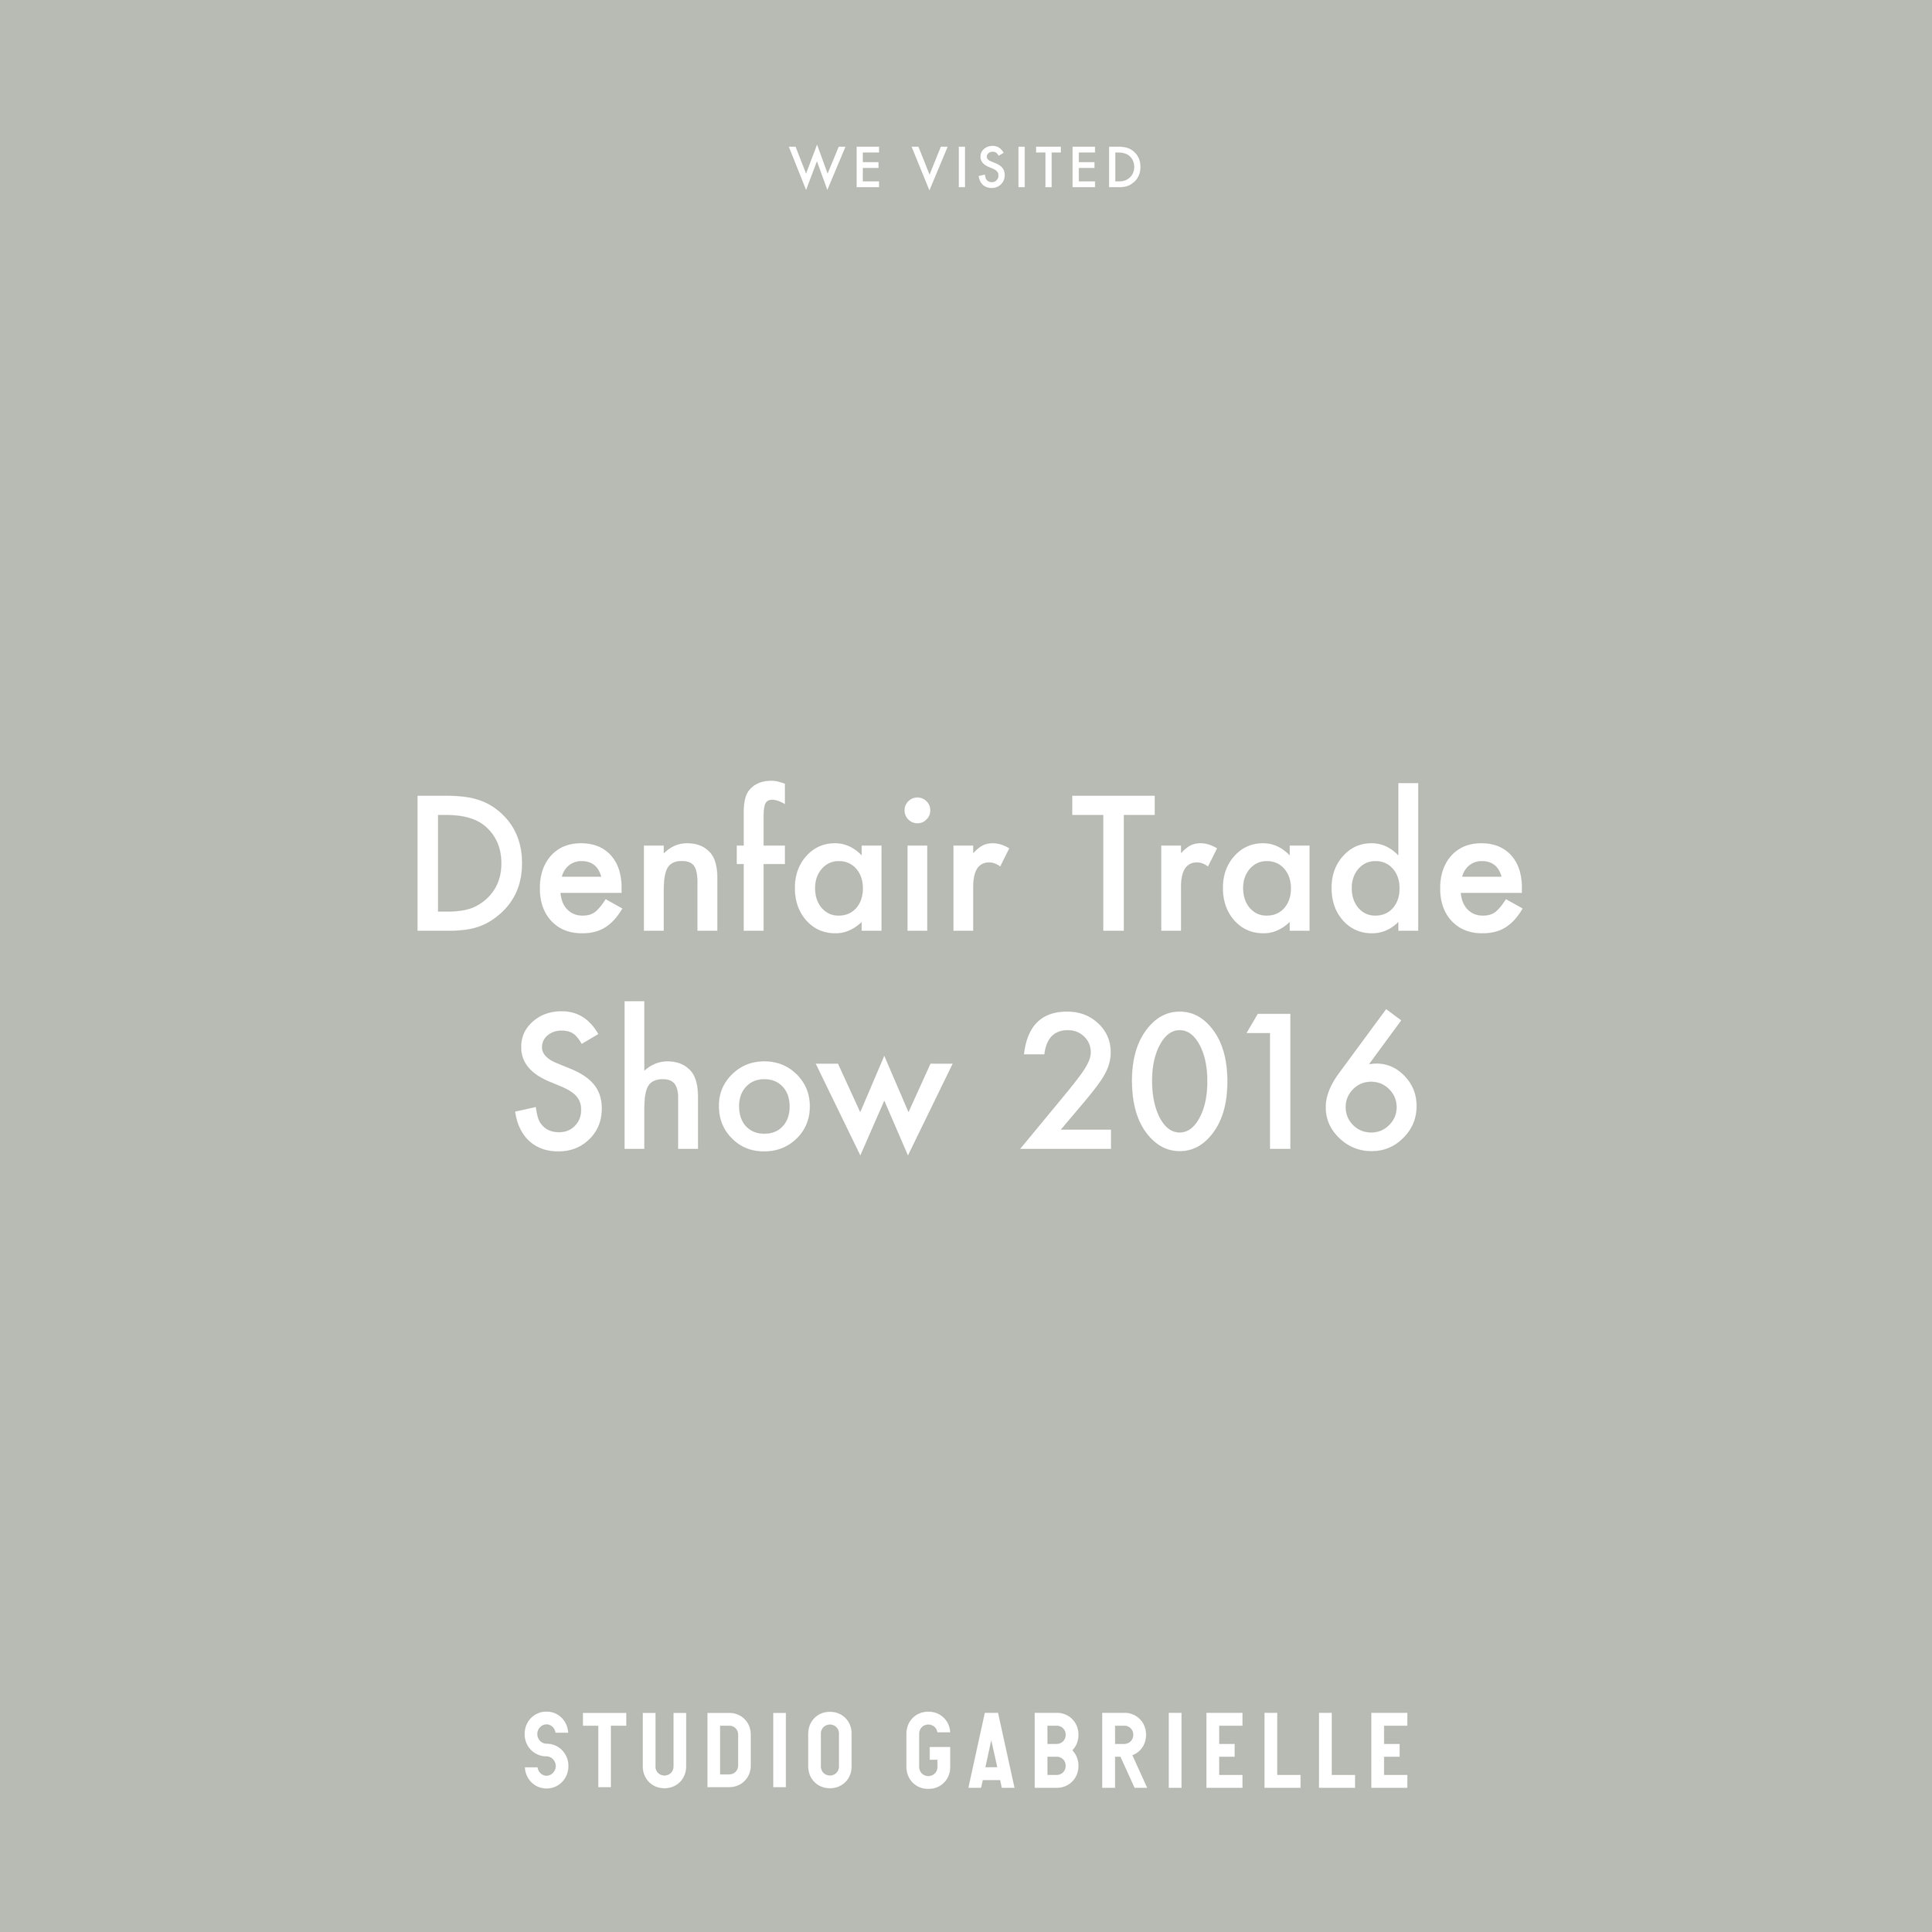 StudioGabrielle-WeVisited-Denfair-Trade-Show-studiogabrielle.co